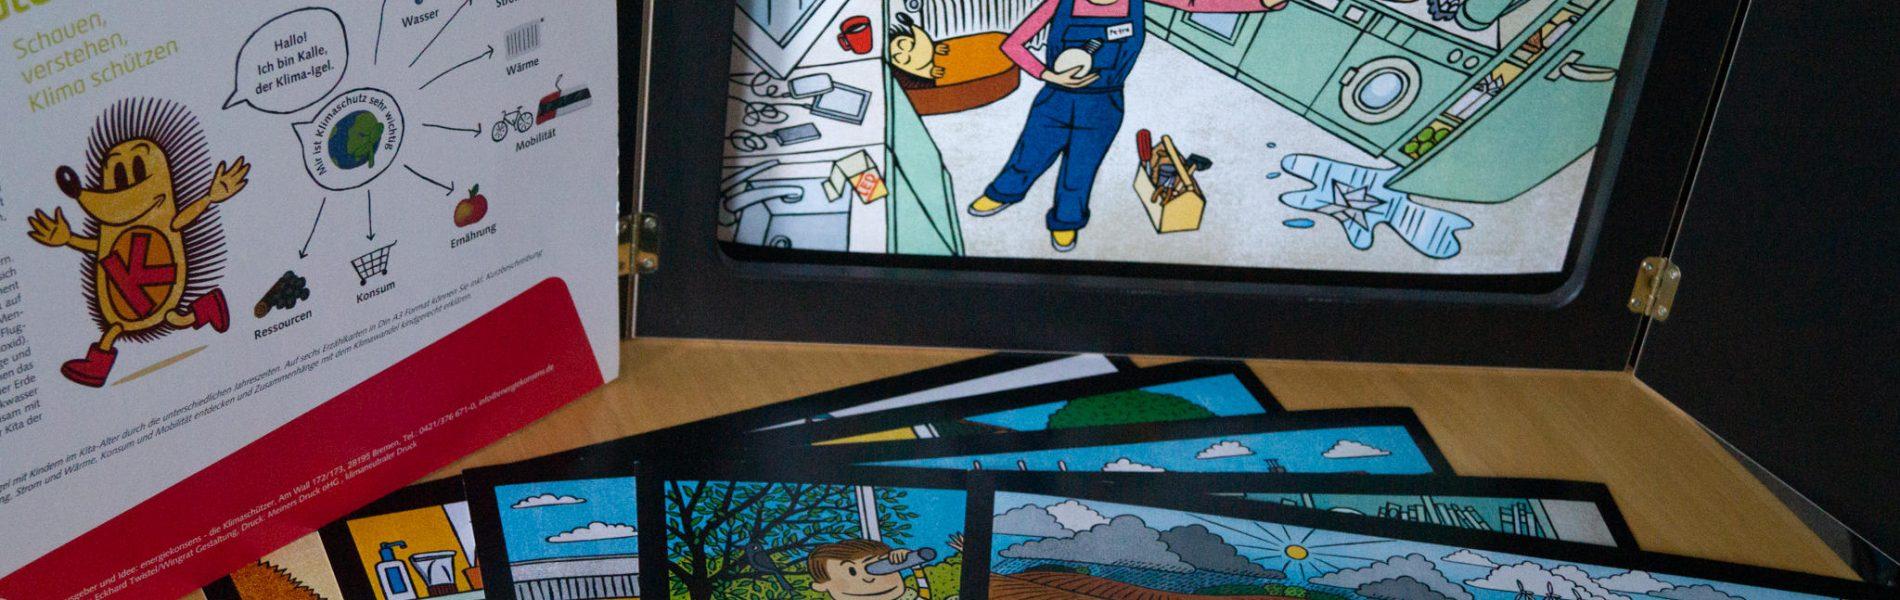 """Auf dem Bild sieht man ein paar Standbilder des Erzähltheaters """"Kalle, der Klimaigel"""". Im Fokus steht ein Mädchen, das eine Glühbirne wechselt."""